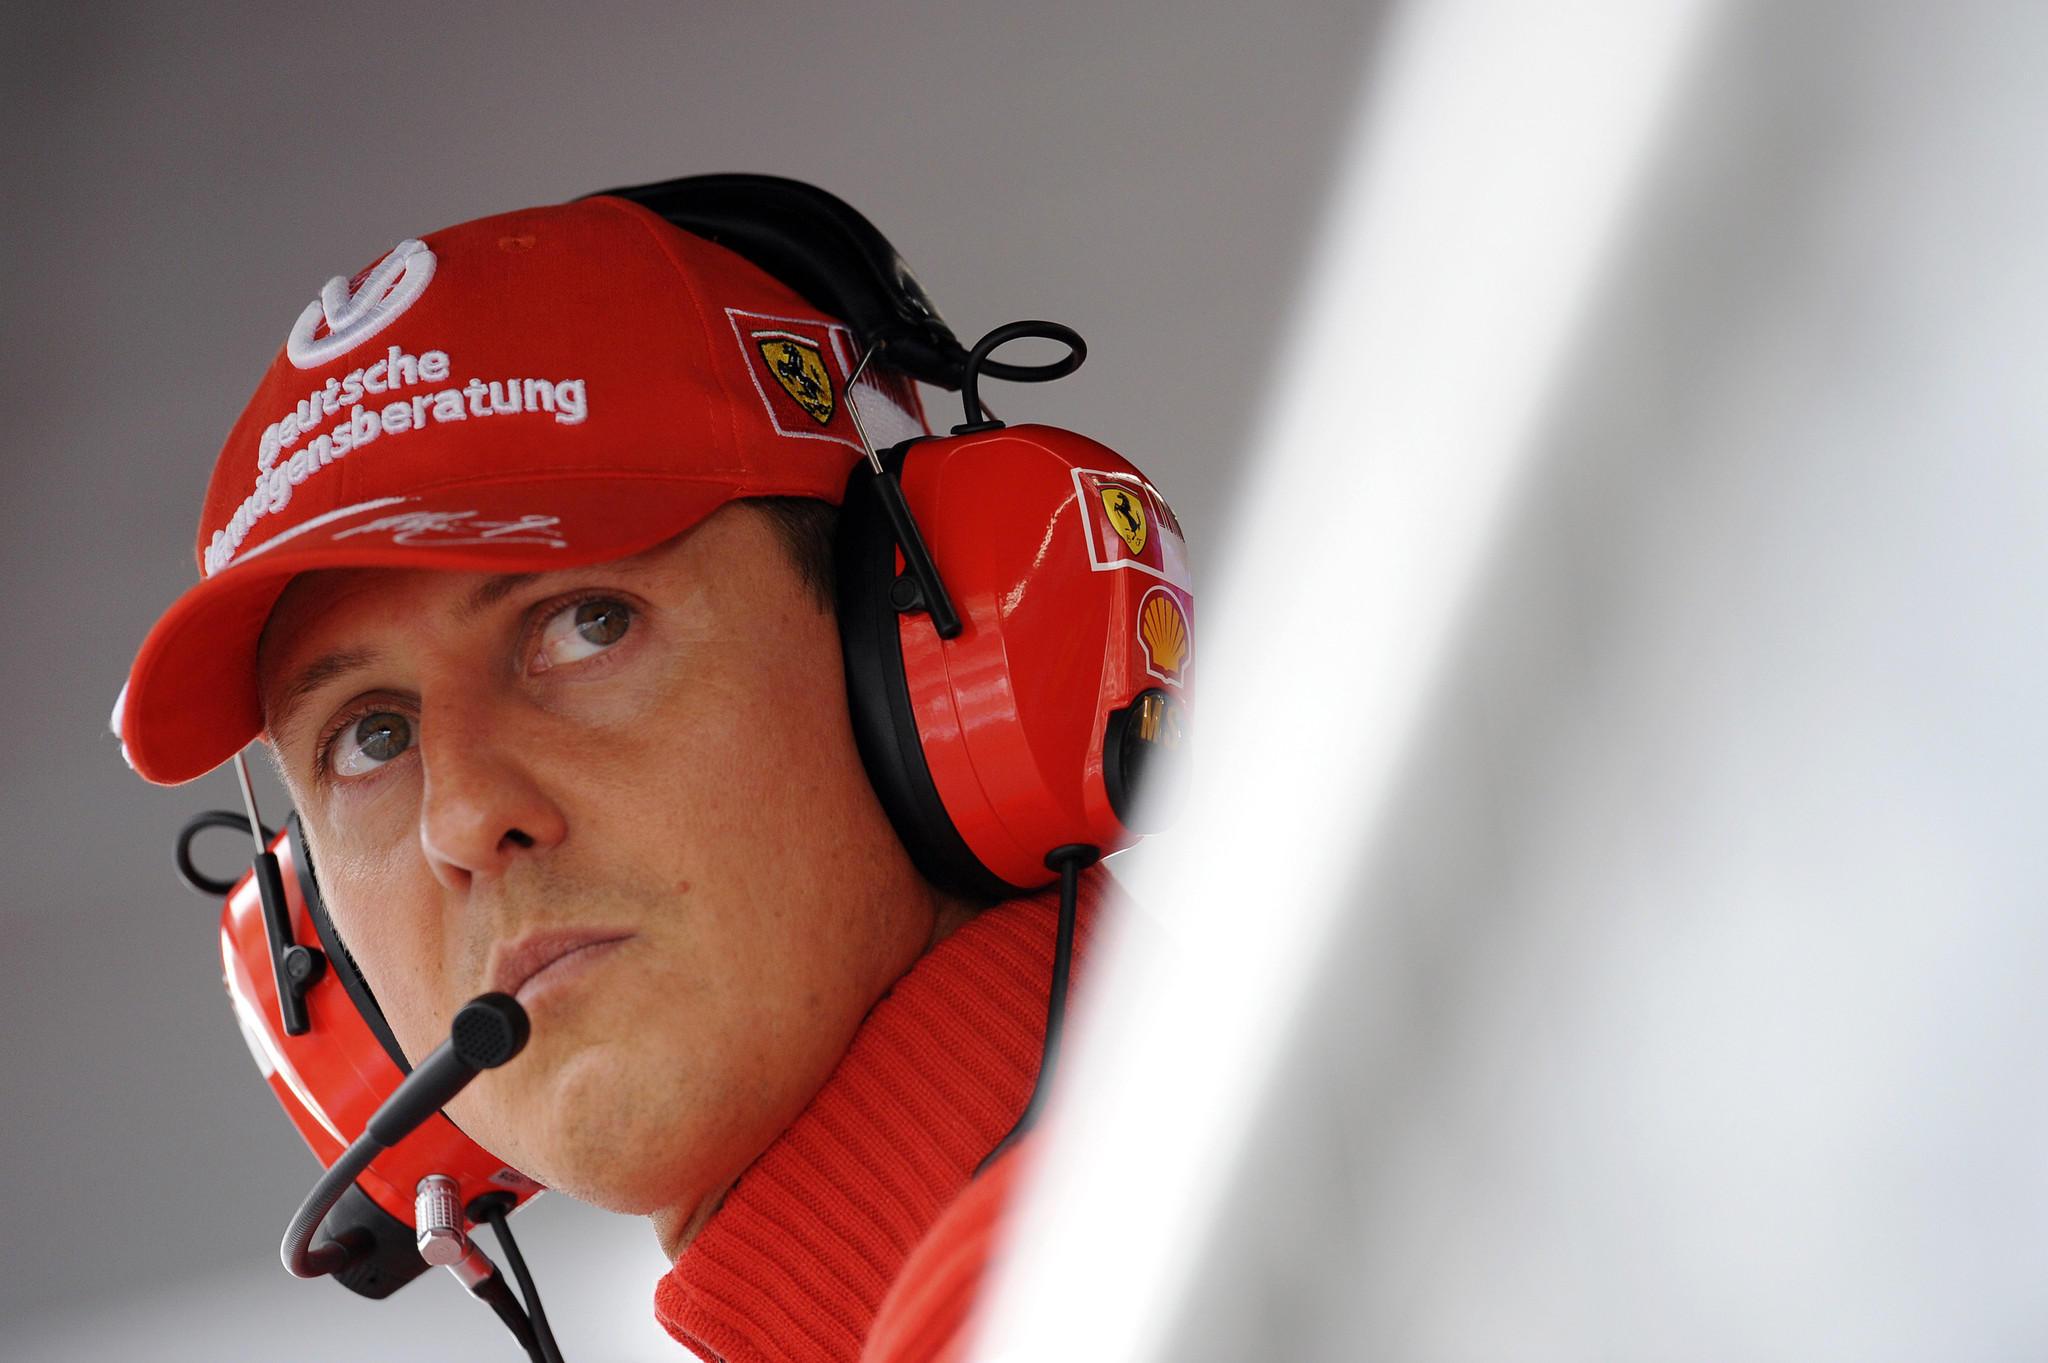 La Biographie De Michael Schumacher